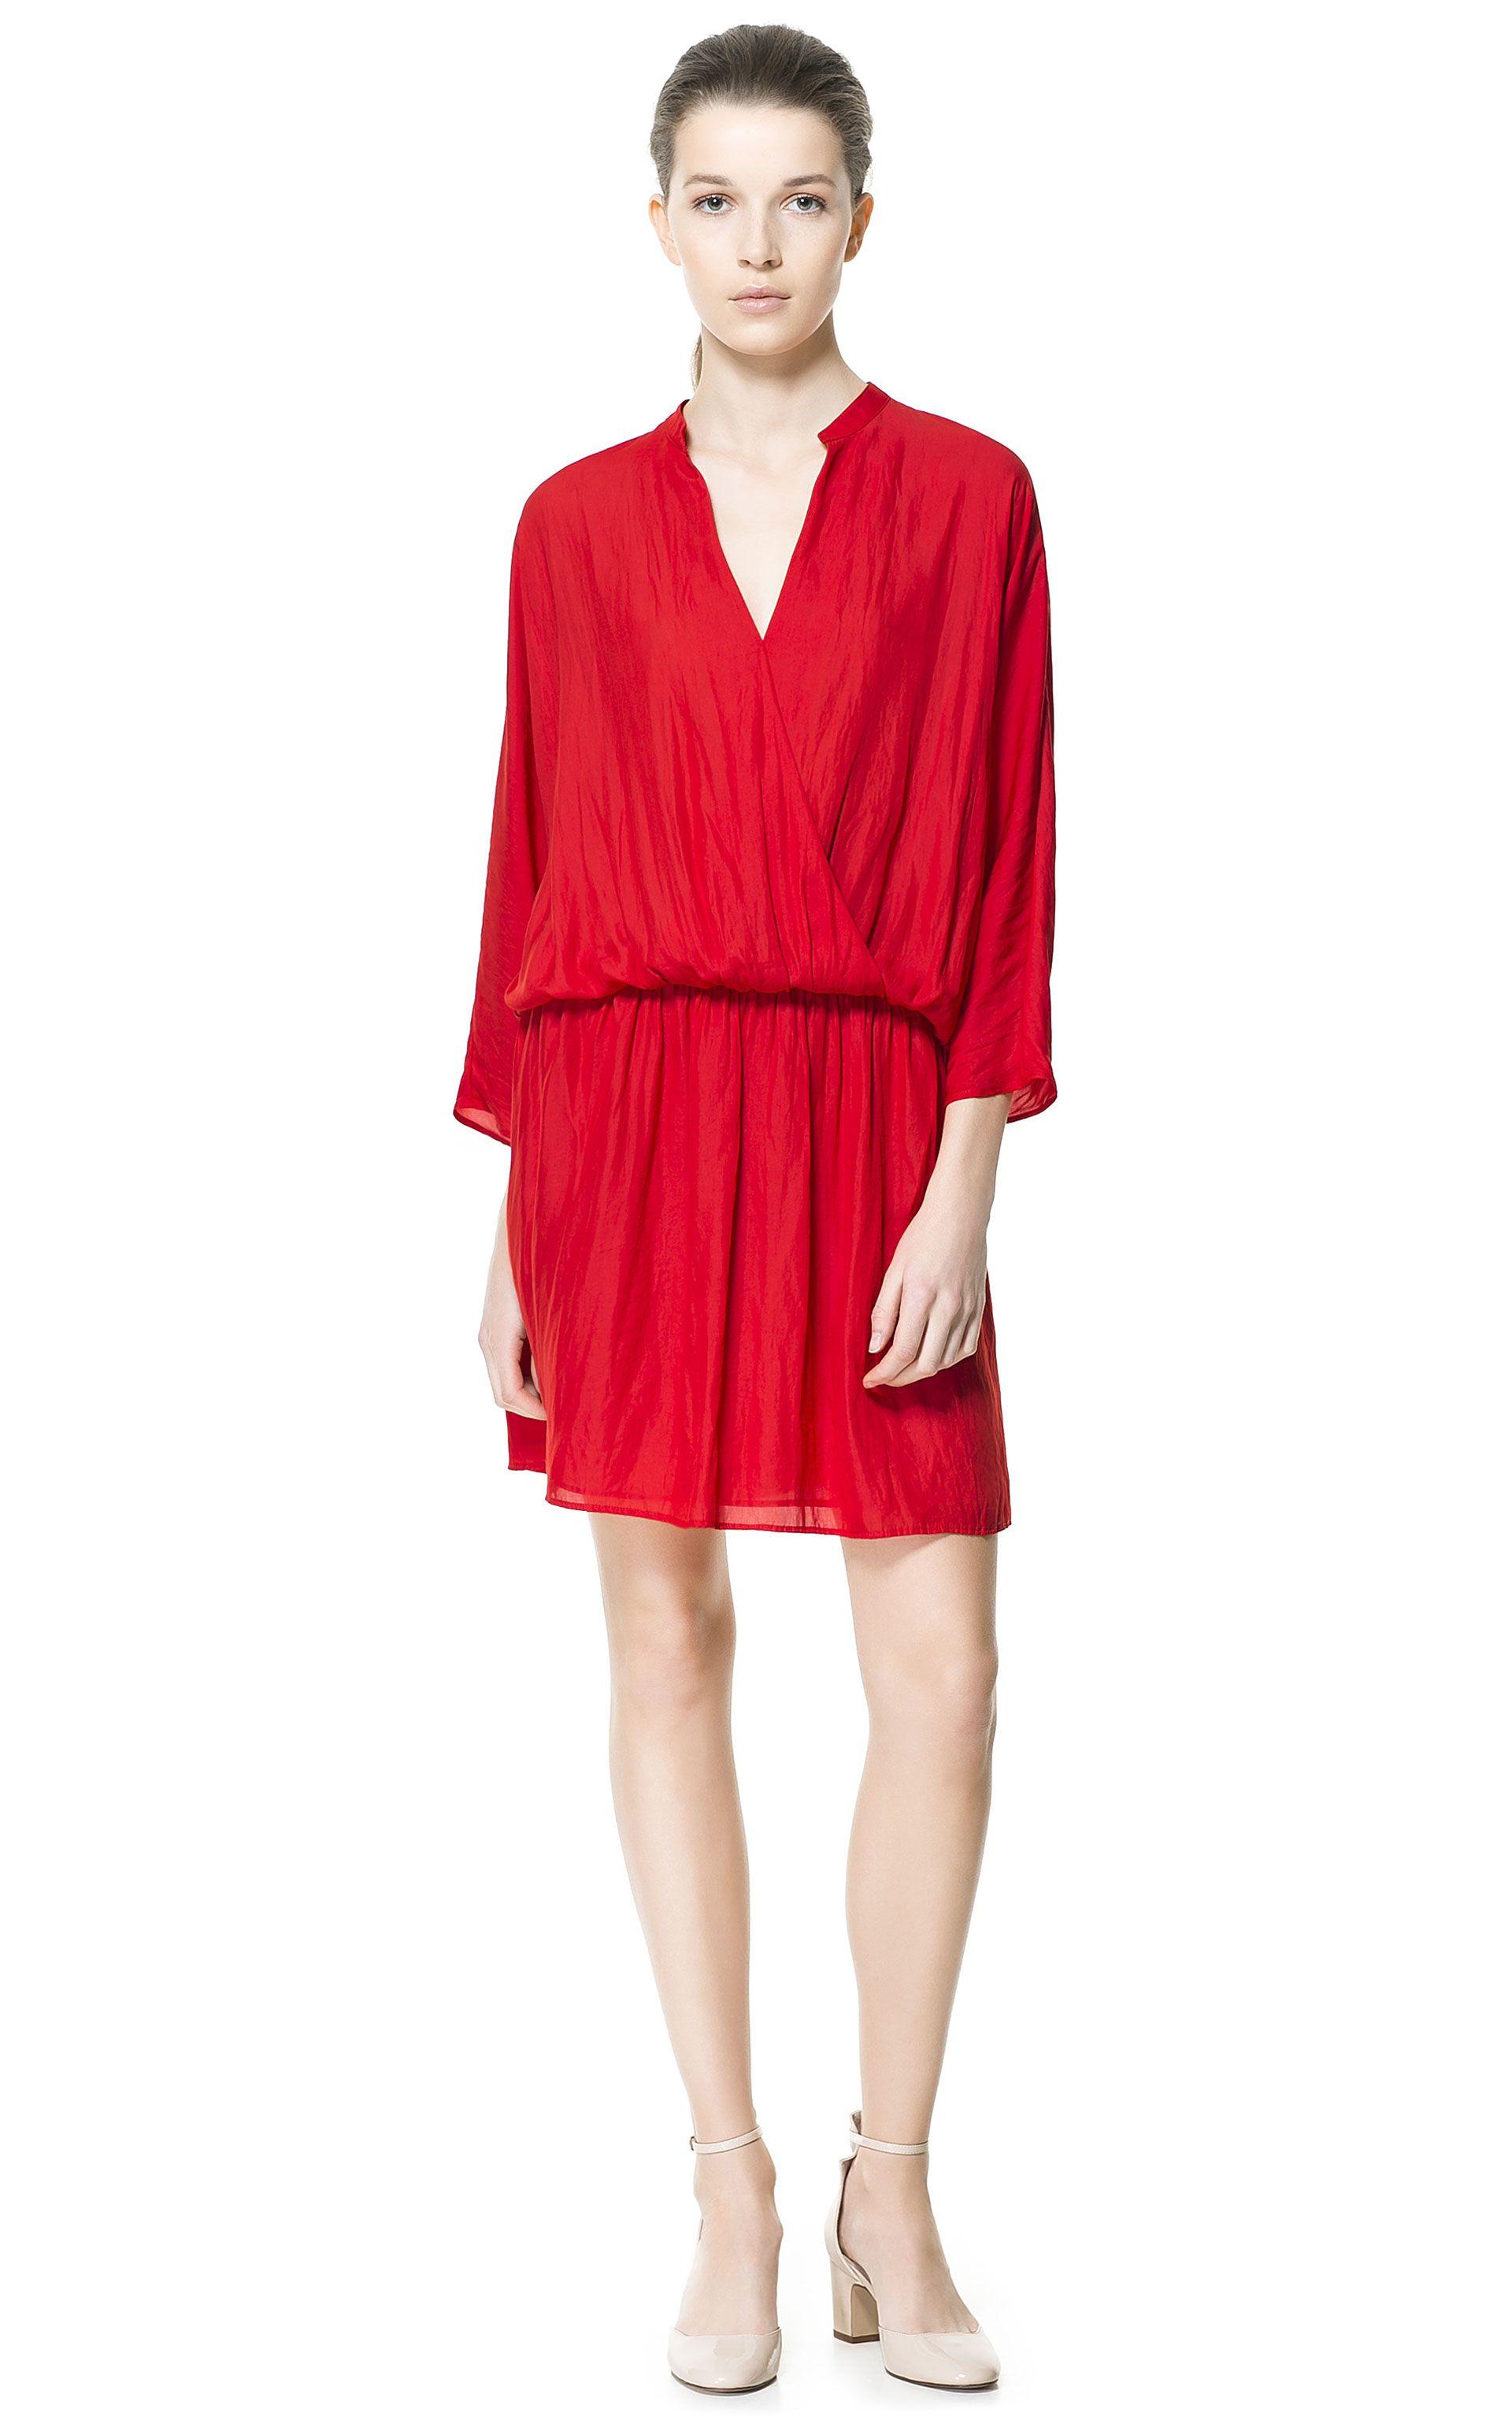 WRAP DRESS Dresses Woman ZARA Canada Style Wish List